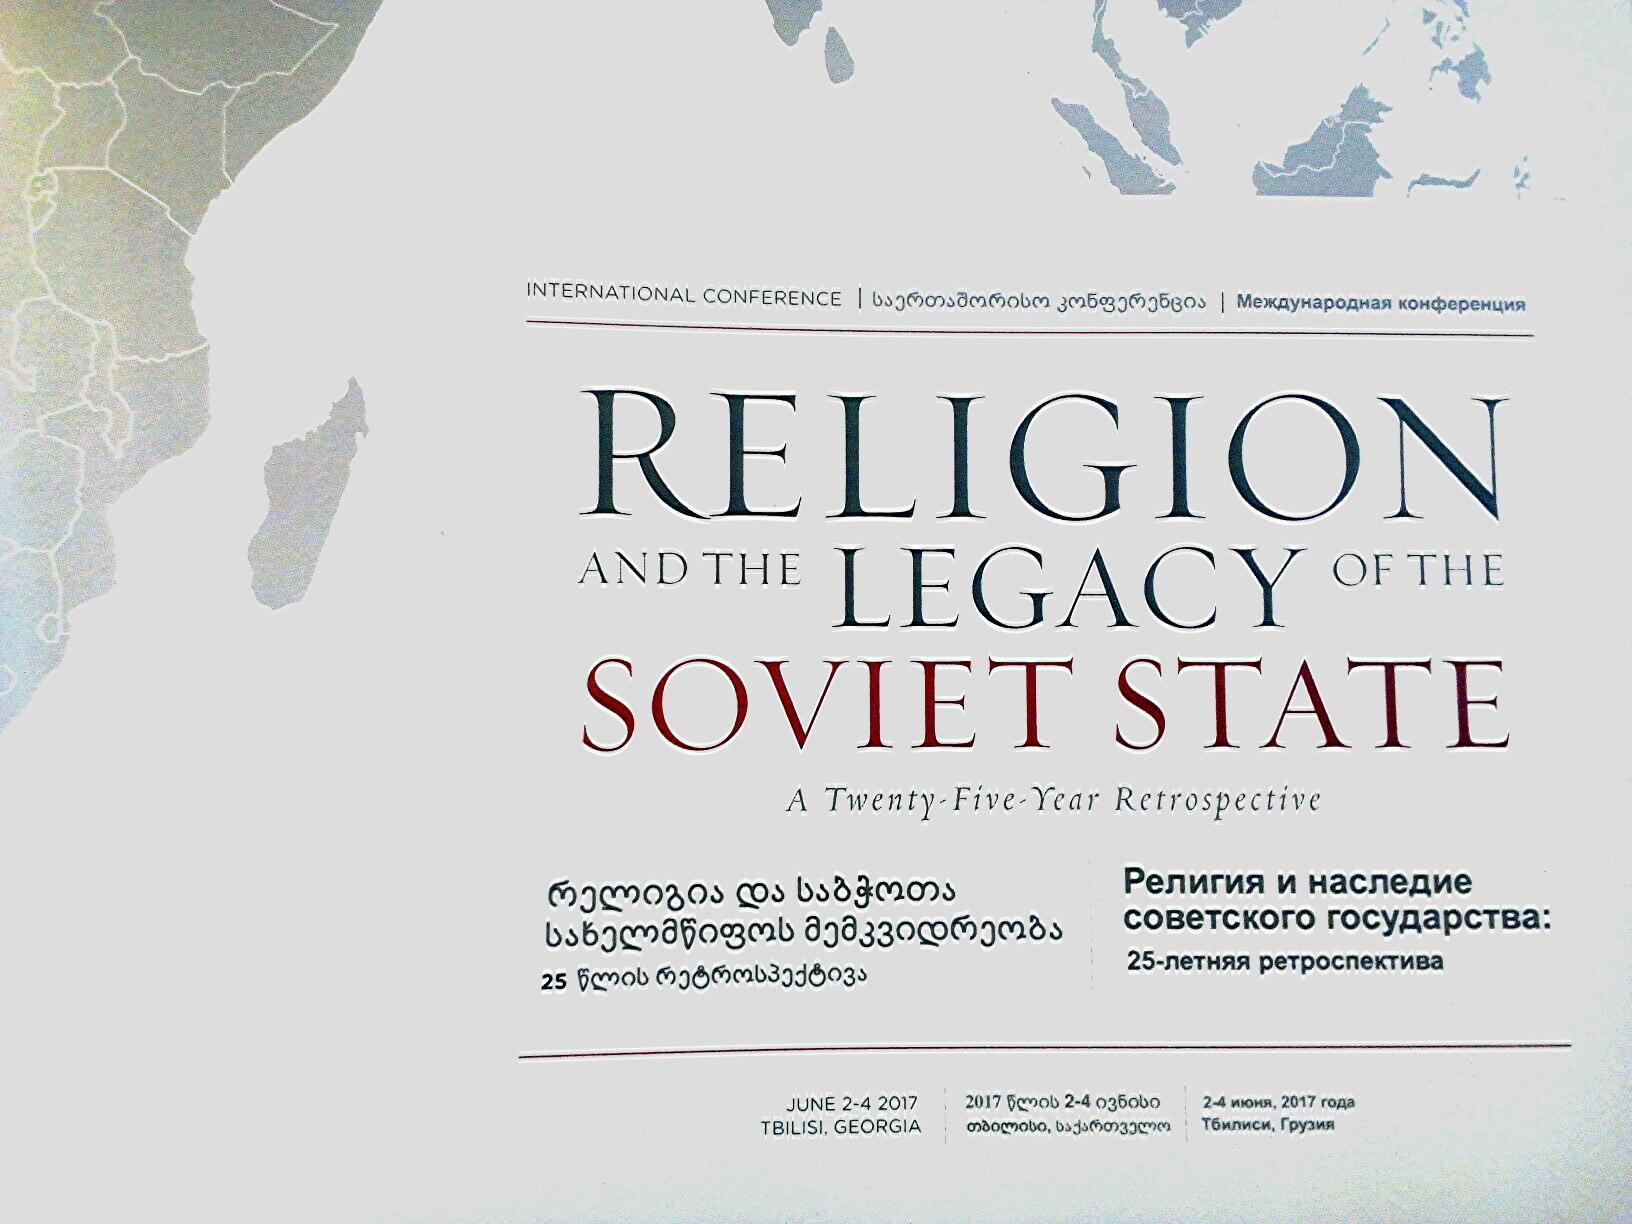 В.В. Кипшидзе принял участие в конференции «Религия и наследие советского государства. 25-летняя ретроспектива»